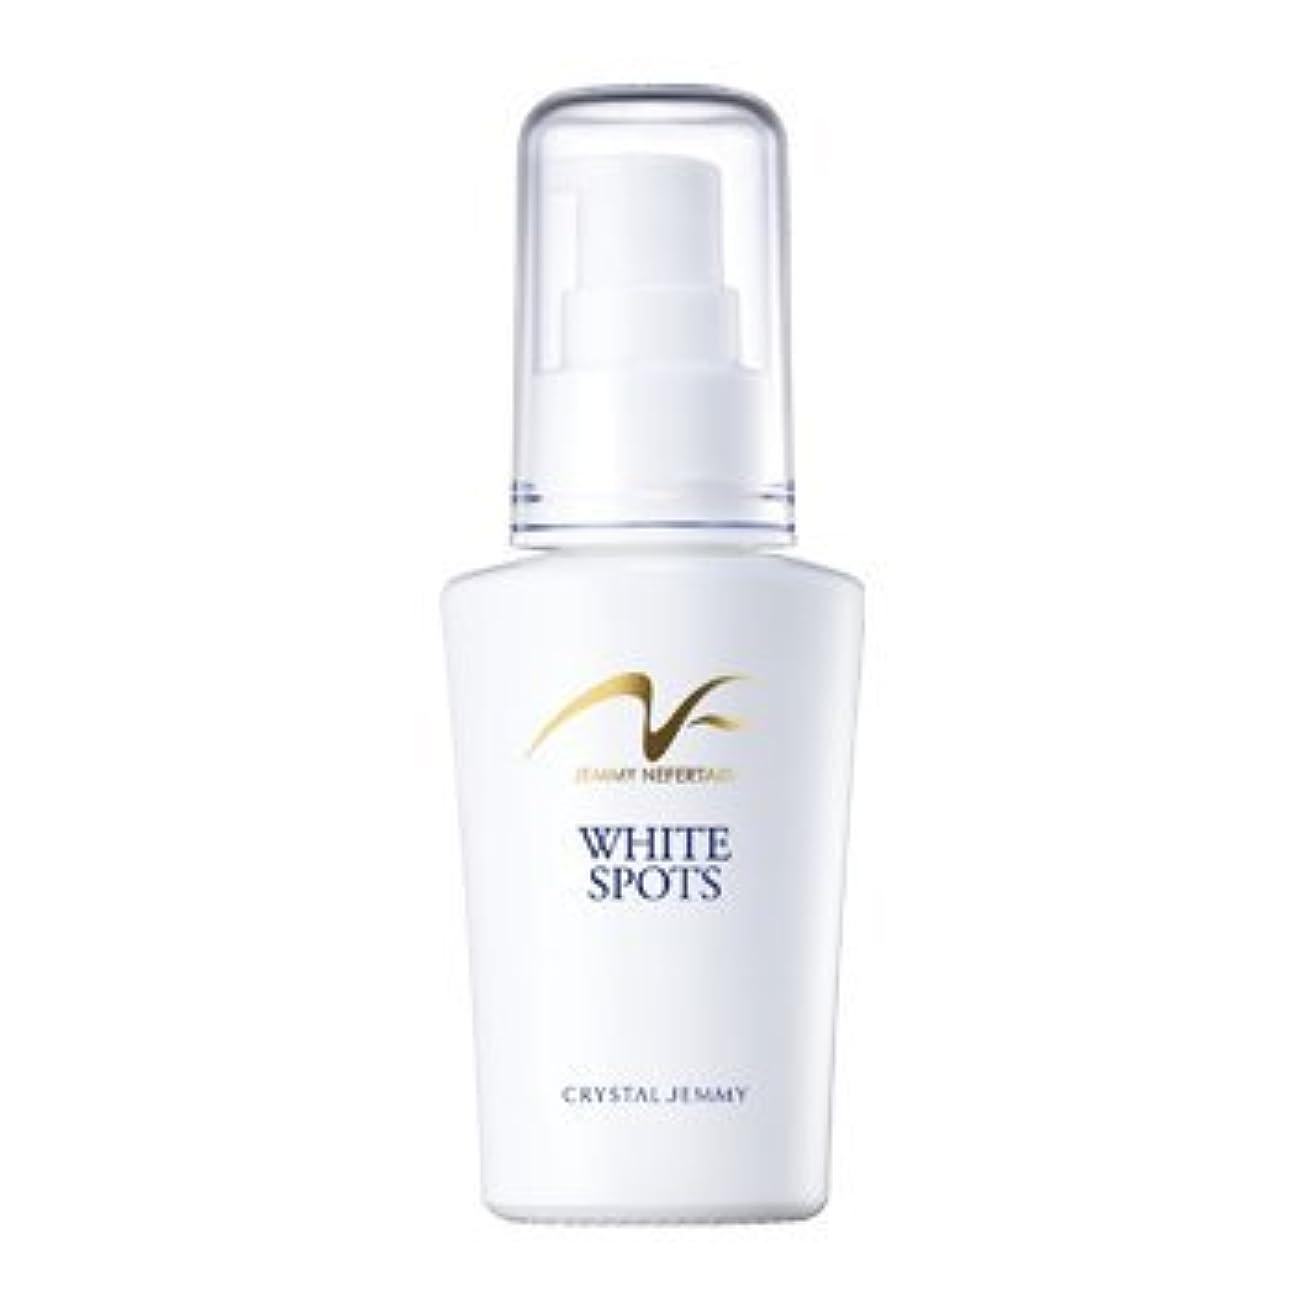 すみません効果的反動クリスタルジェミー ジェミーネフェルタリ薬用ホワイトスポッツ 美容液 美白 集中 シミ 対策